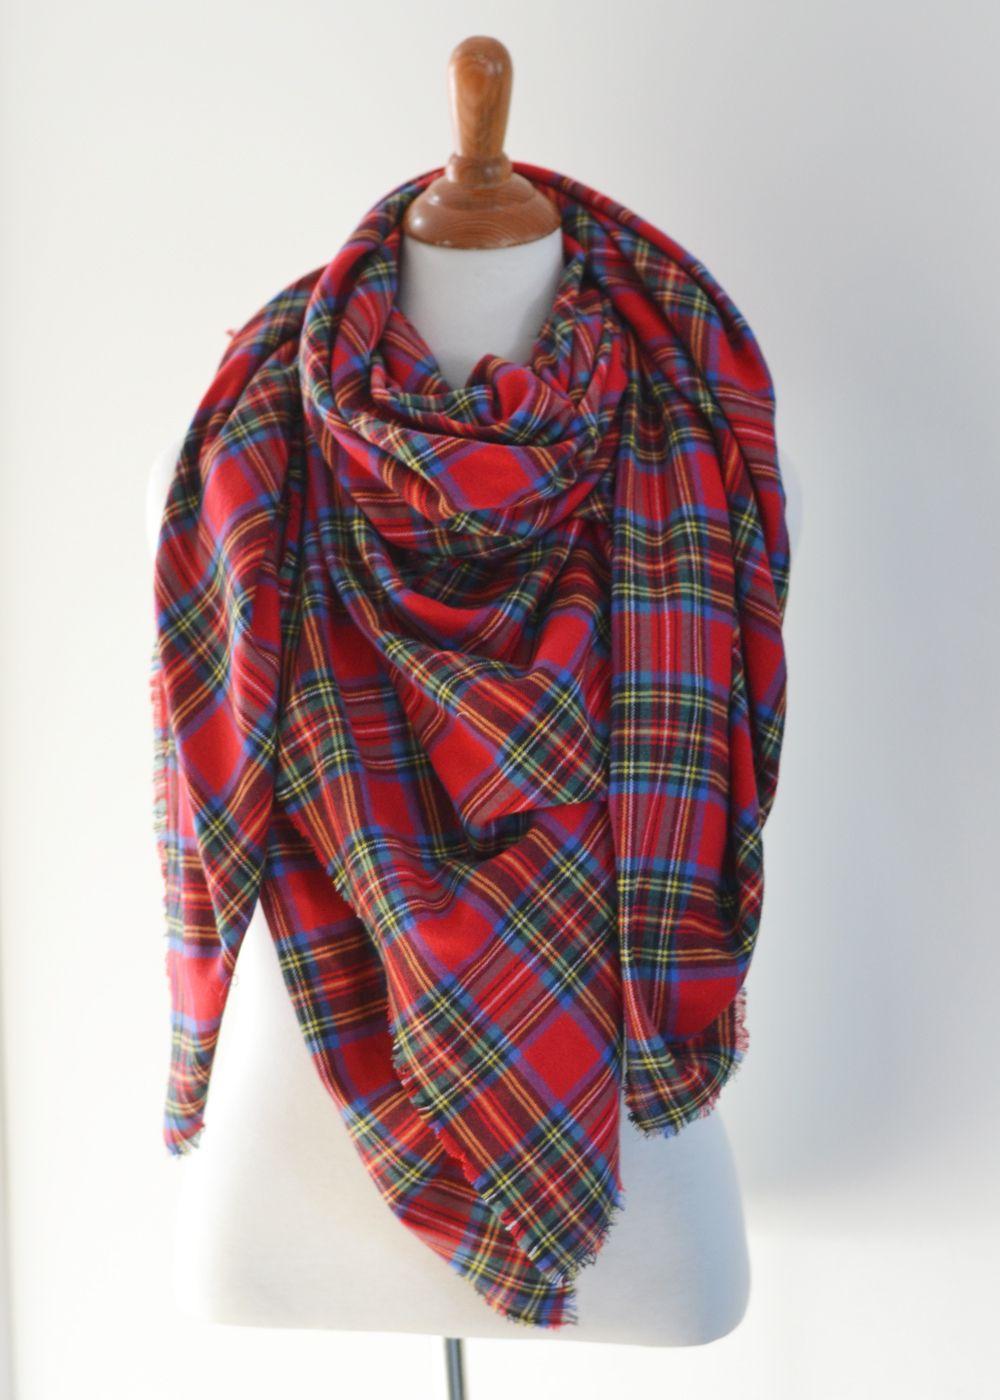 Make An Easy No Sew Diy Plaid Blanket Scarf Diy Scarf Diy